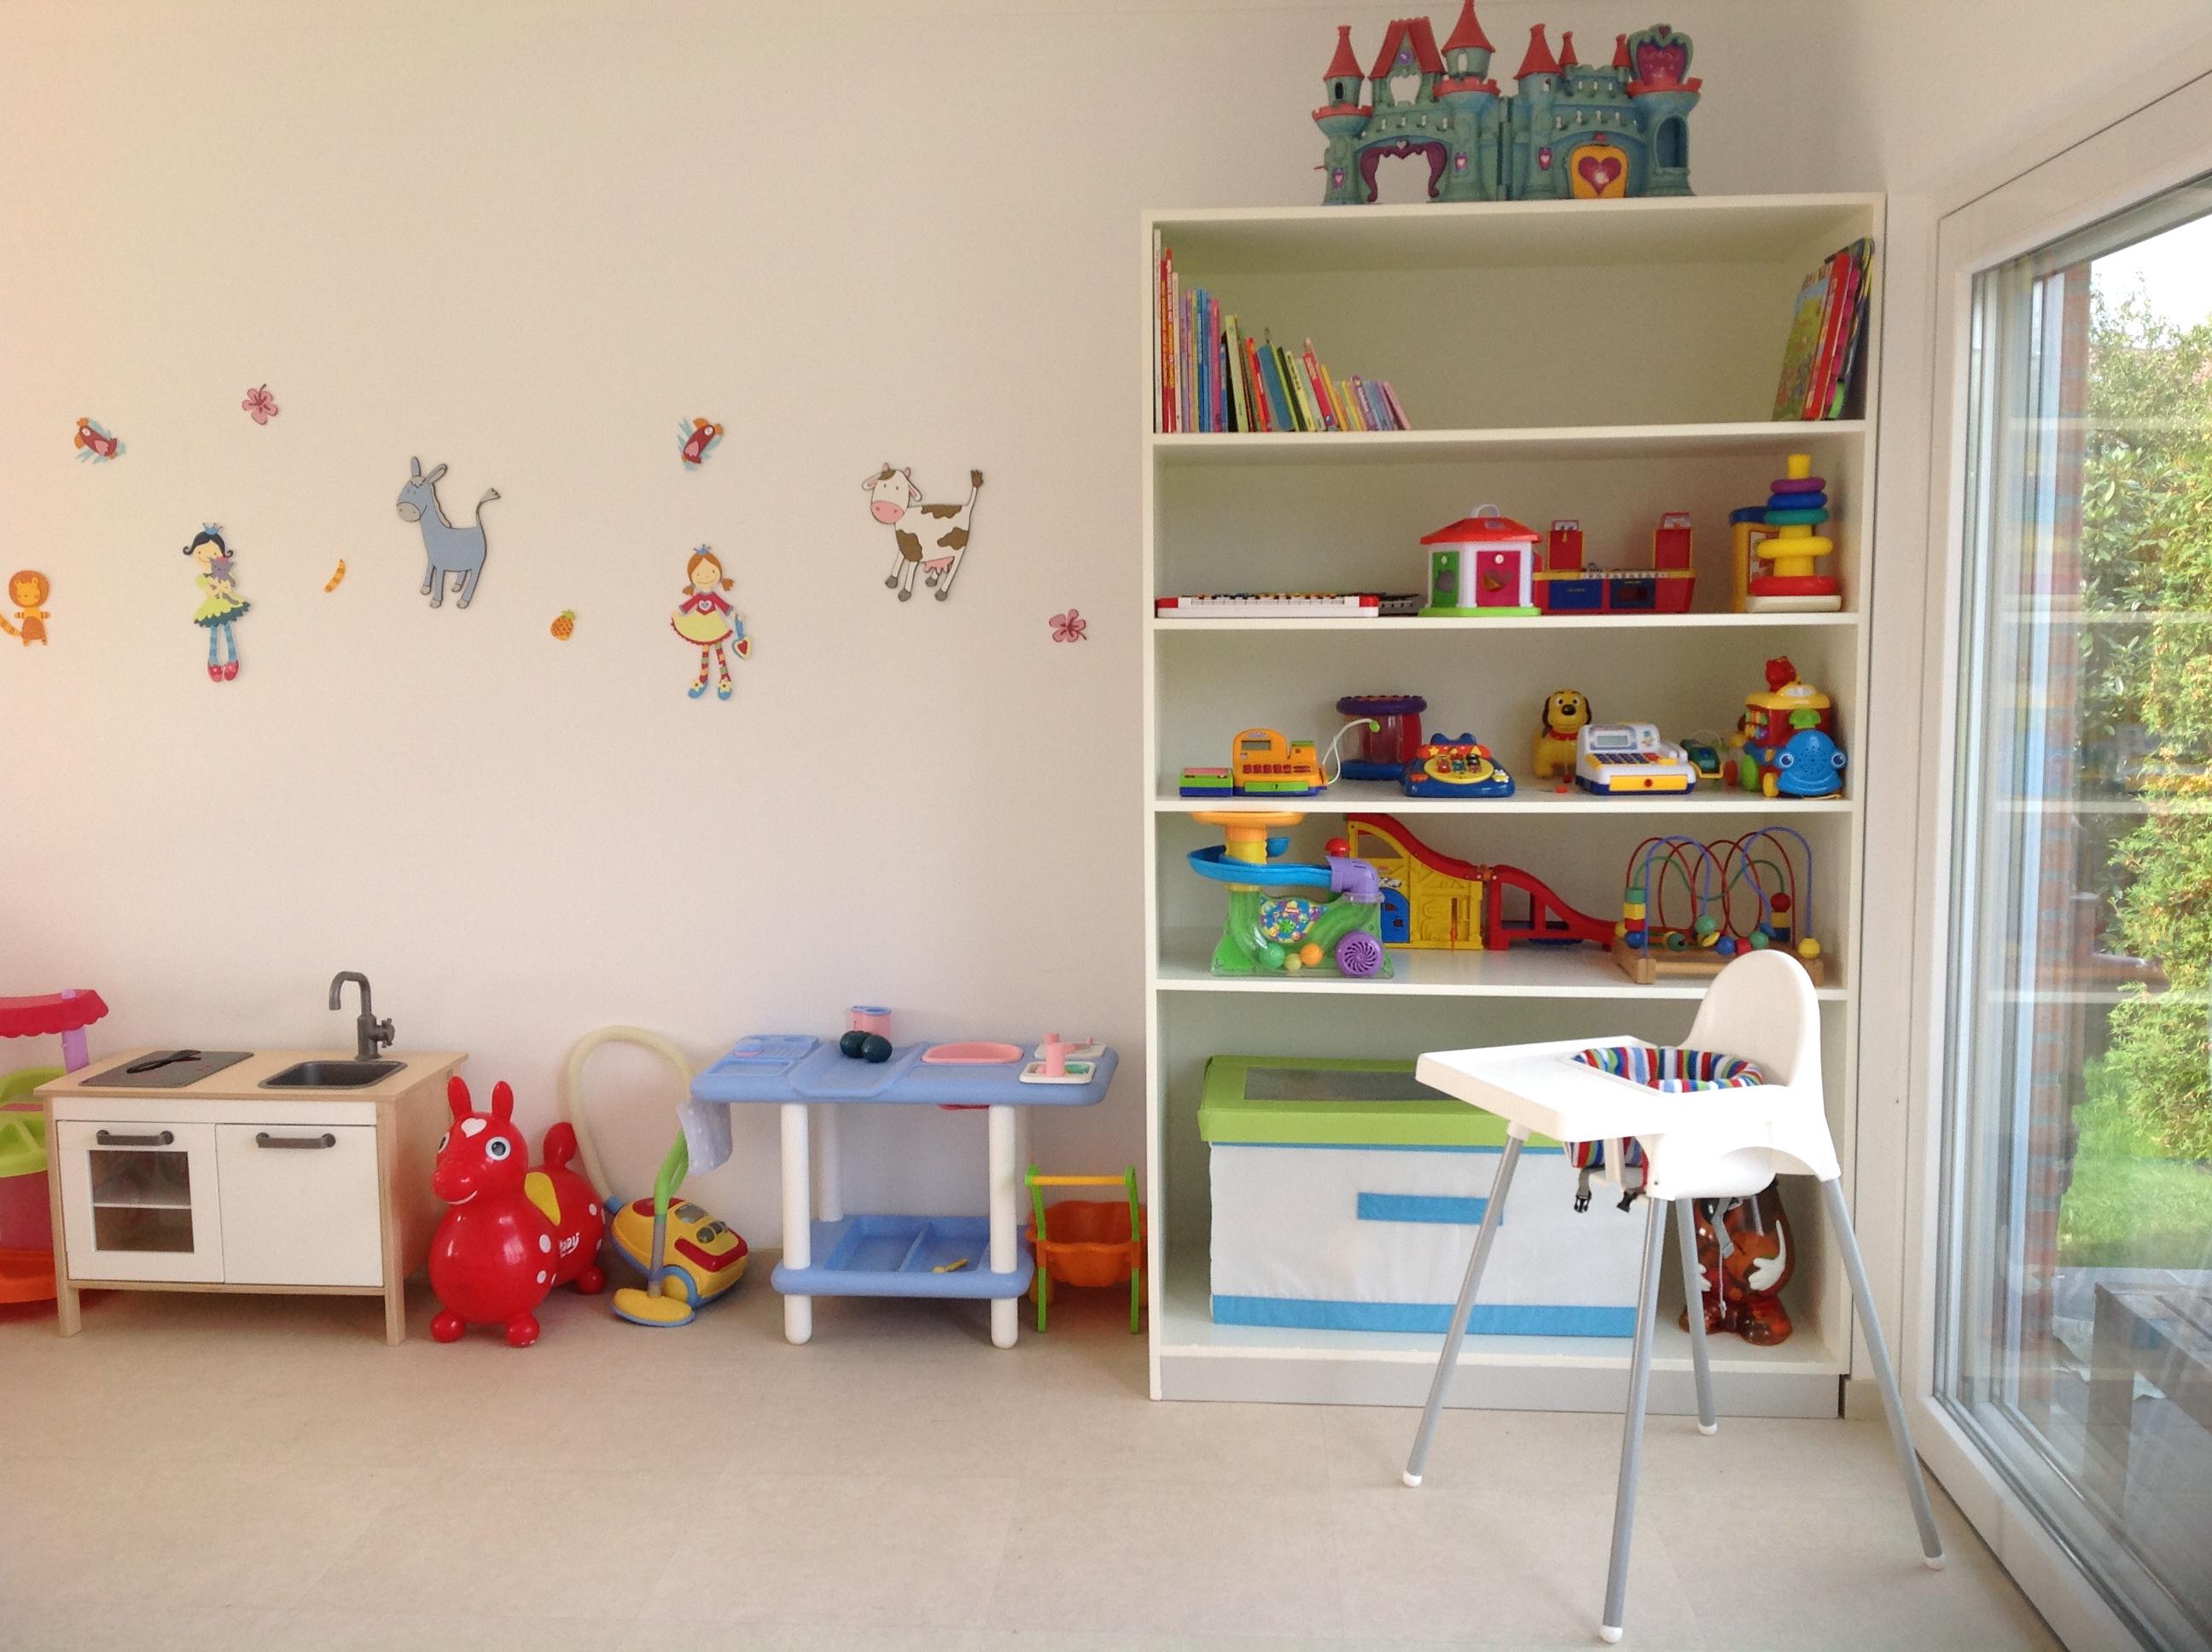 Verbouwingen en inrichting kinderdagverblijf basti en bubu - Inrichting van een lounge in lengte ...